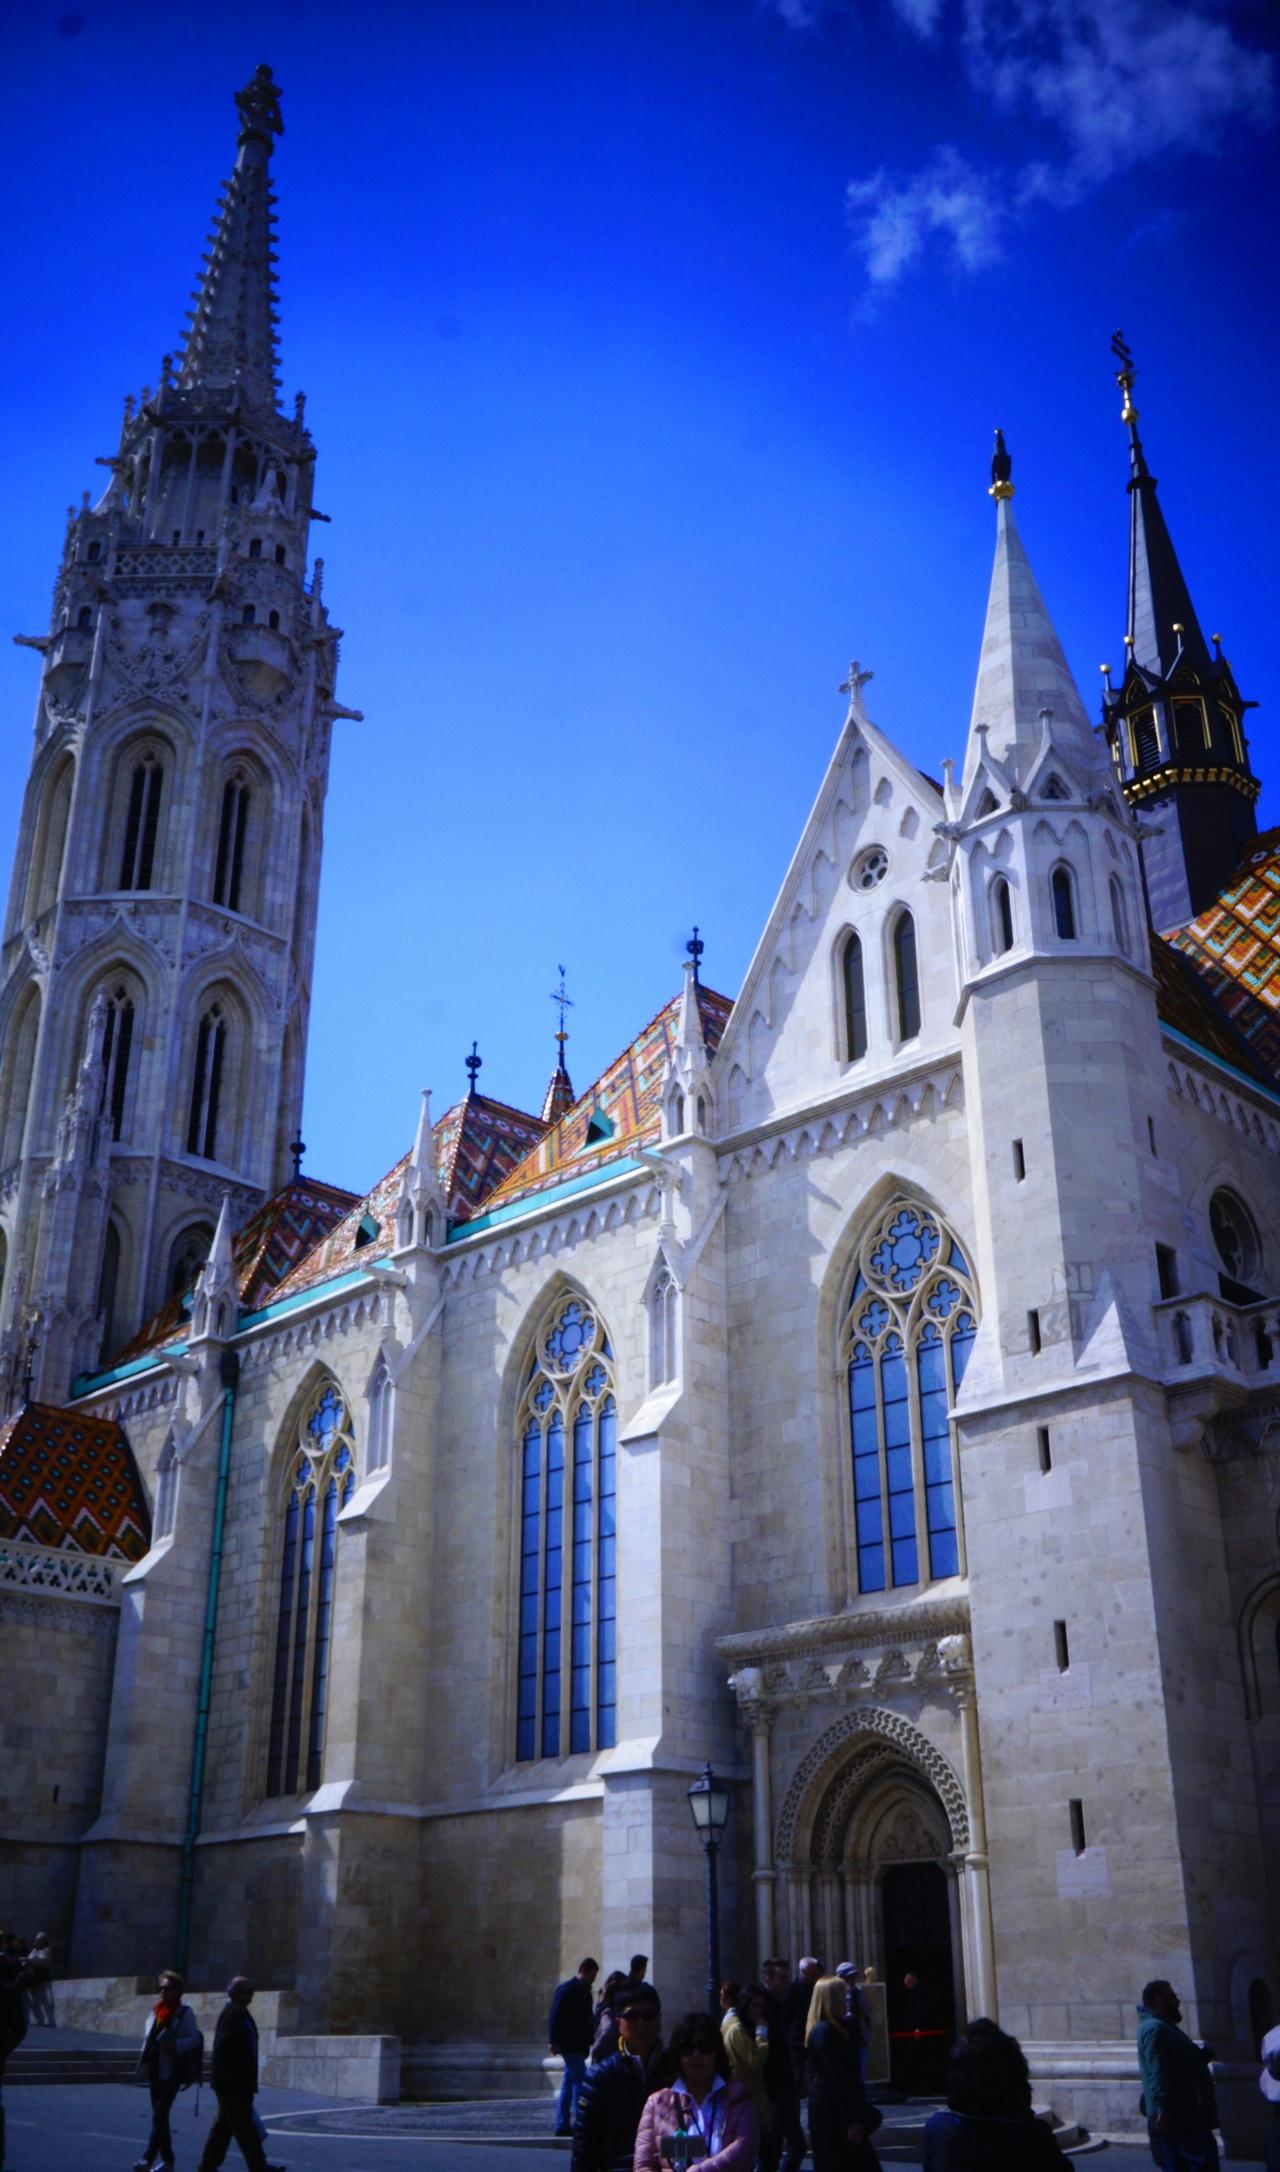 마차시 성당 헝가리의 세종대왕이라 불린 마차시 왕의 이름을 본뜬 성당